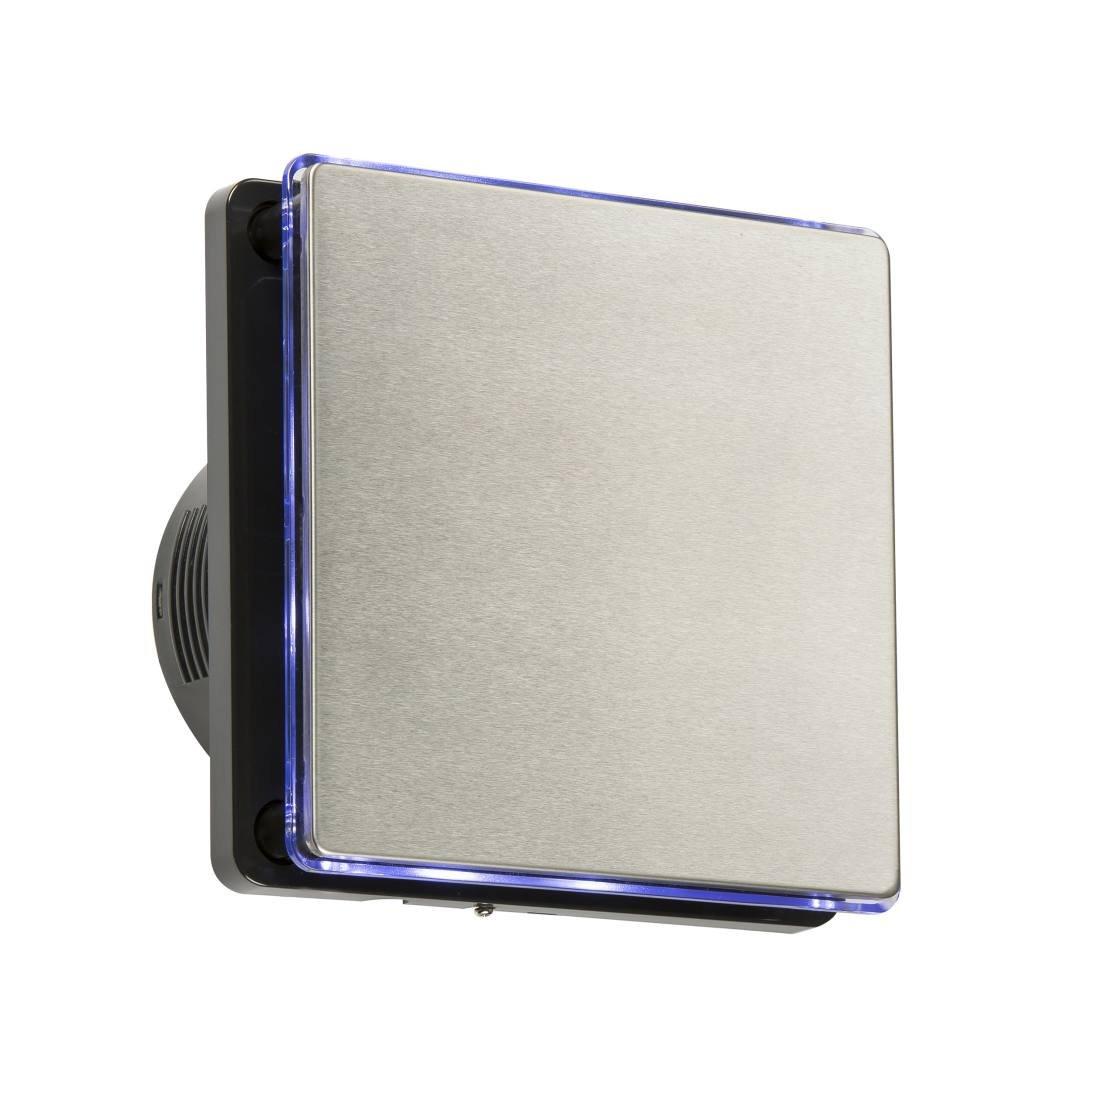 Knightsbridge 100mm/10, 2cm LED Hintergrundbeleuchtung Abluftventilator mit Nachlauf-Timer–schwarz und Edelstahl ex004t Knightsbridge 100mm/10